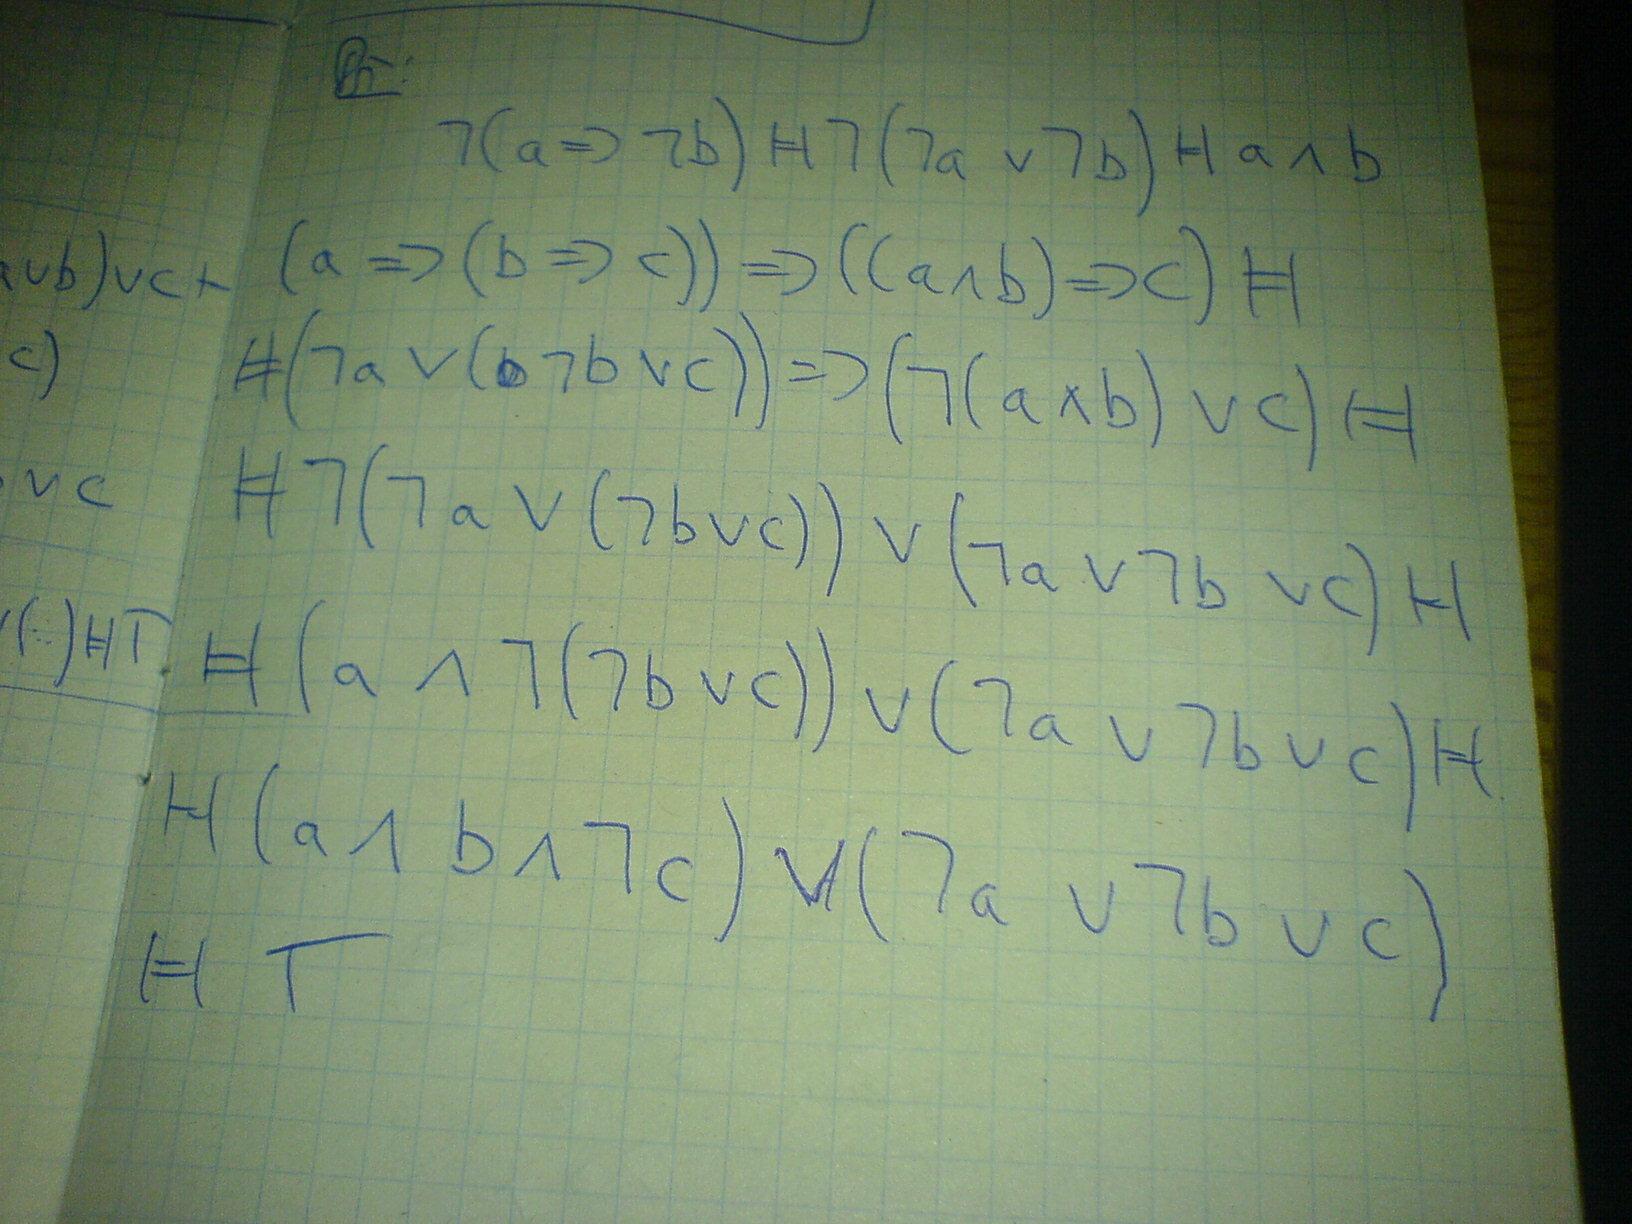 Matematická logika - výroková logika.